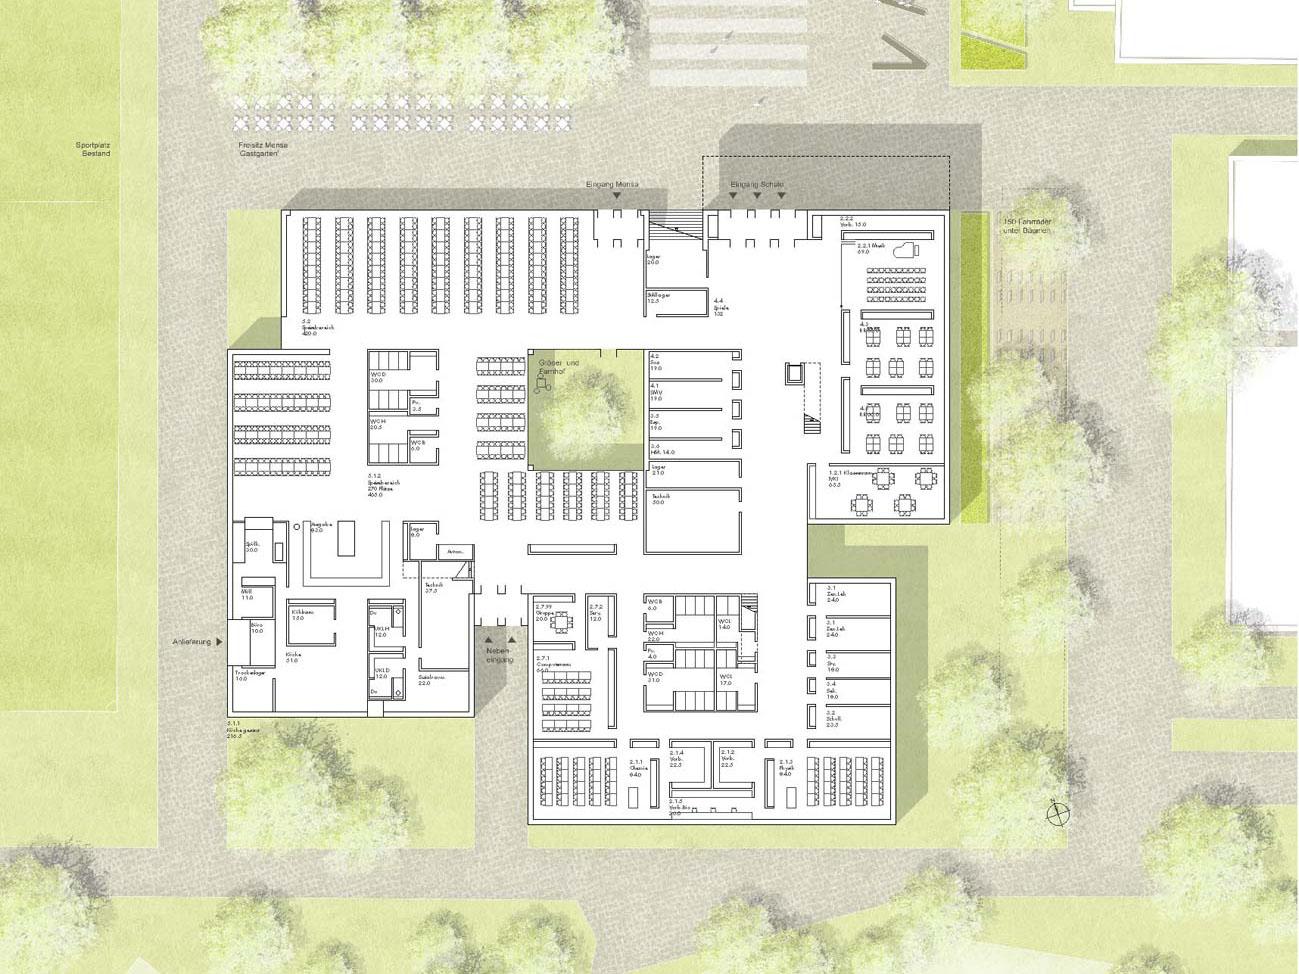 Erdgeschoss_Neubau Robert-Boehringer-Gemeinschaftsschule-Winnenden-1.Preis-Wettbewerb.2015_© Friedrich-Poerschke-Zwink-Architekten